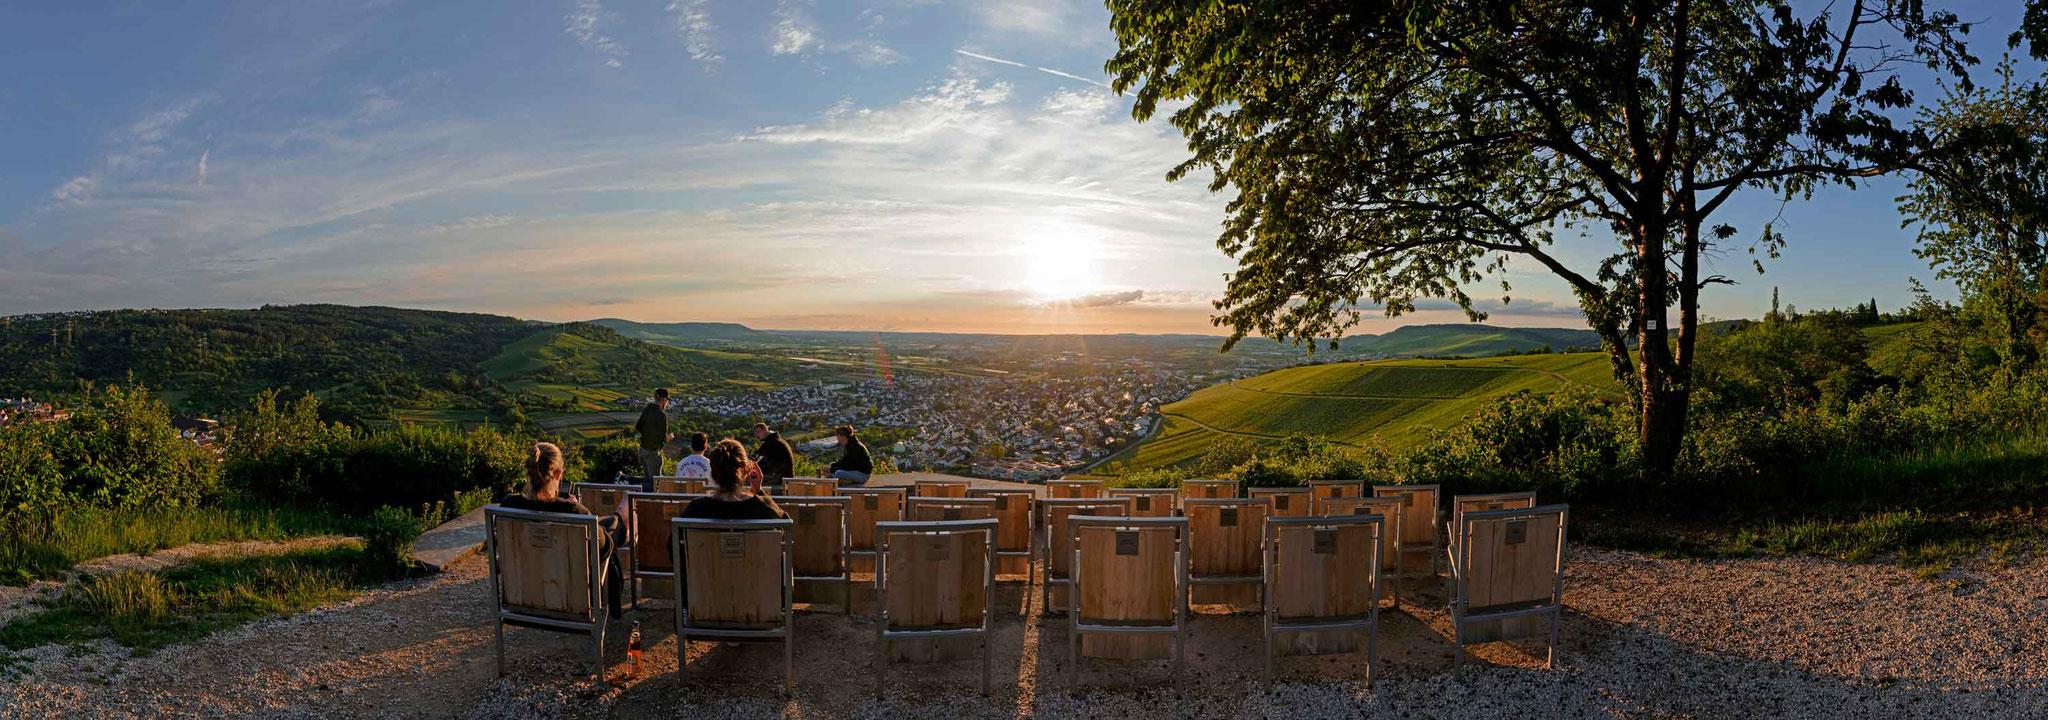 Remstalkino -  Panoramaaufnahme in der Rems-Murr-Klinik Schorndorf